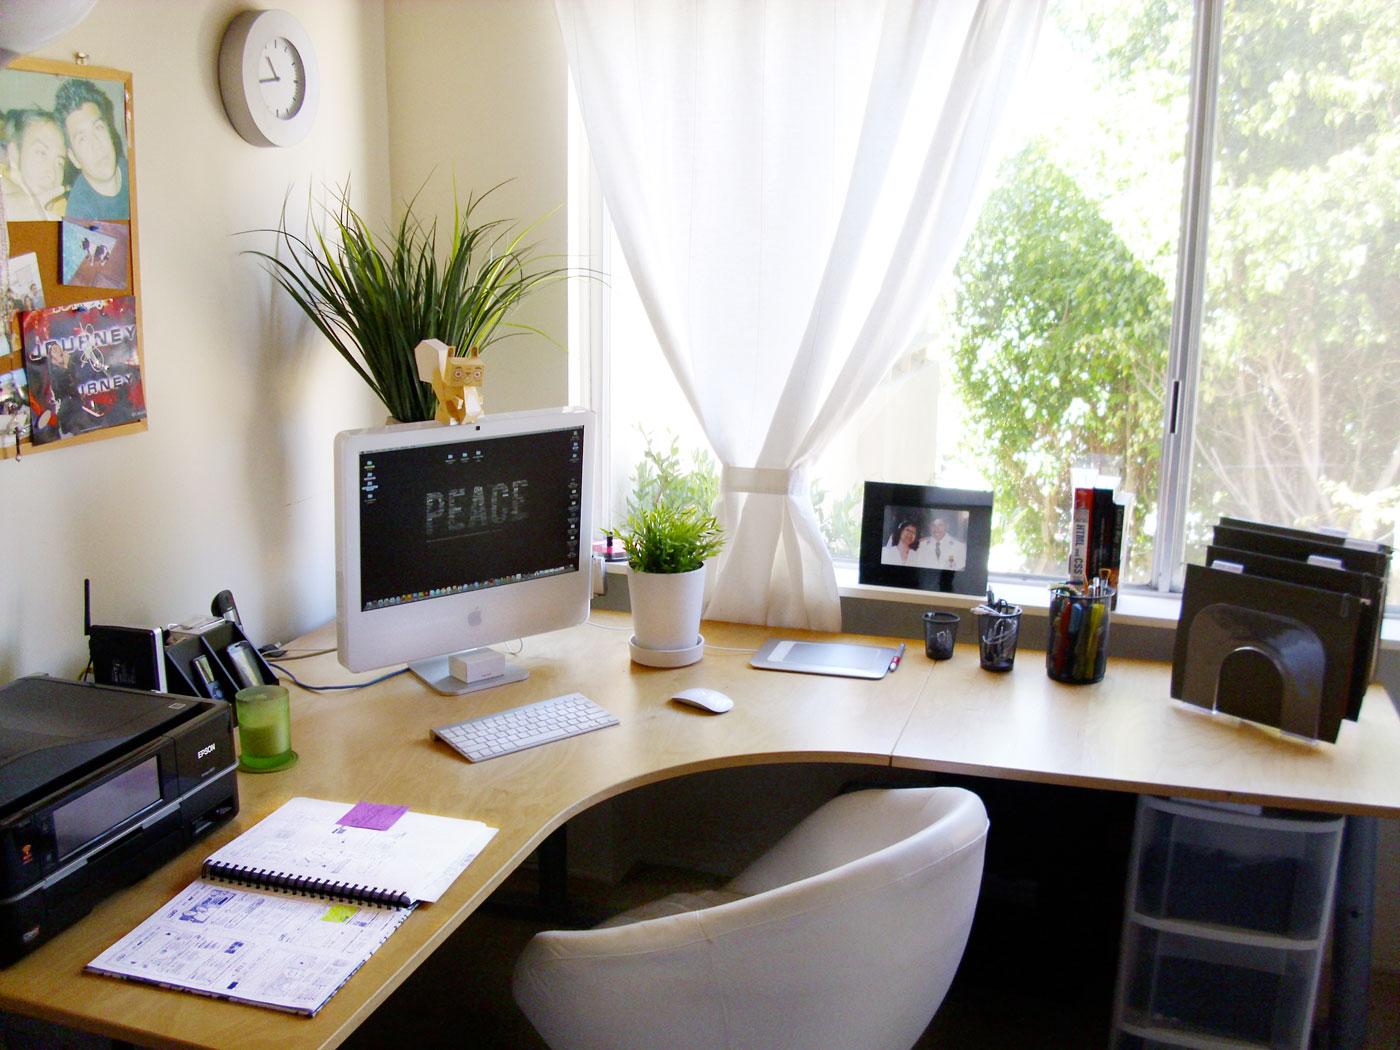 escritorio simples em casa